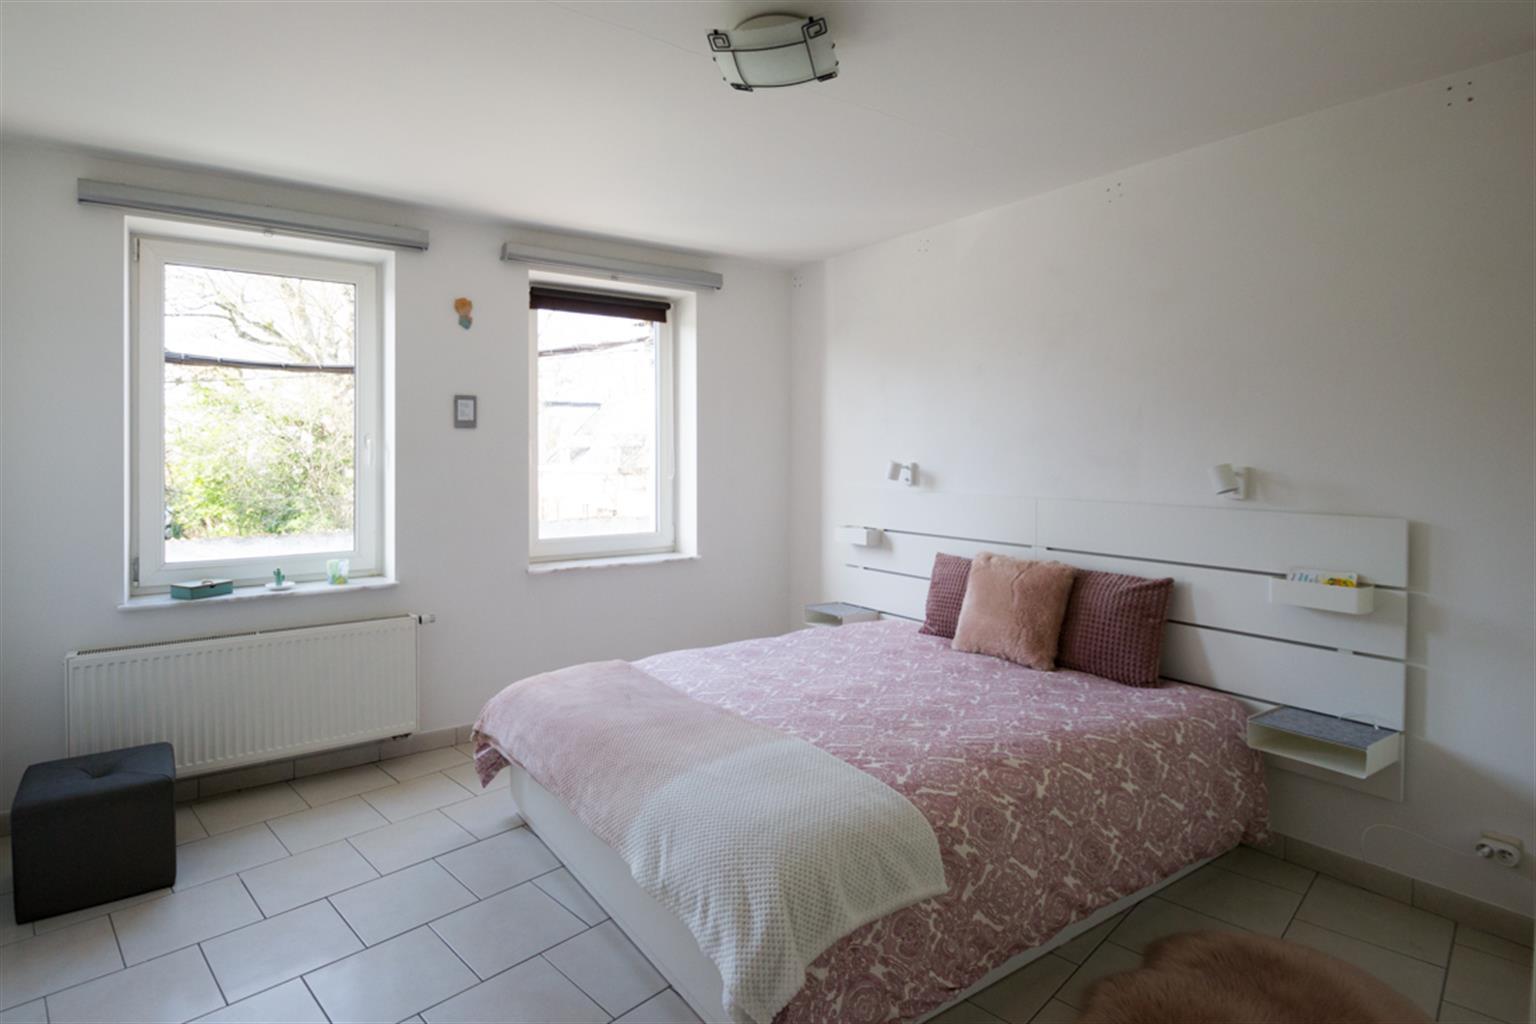 Maison -  Fayt-Lez-Manage - #4286182-13